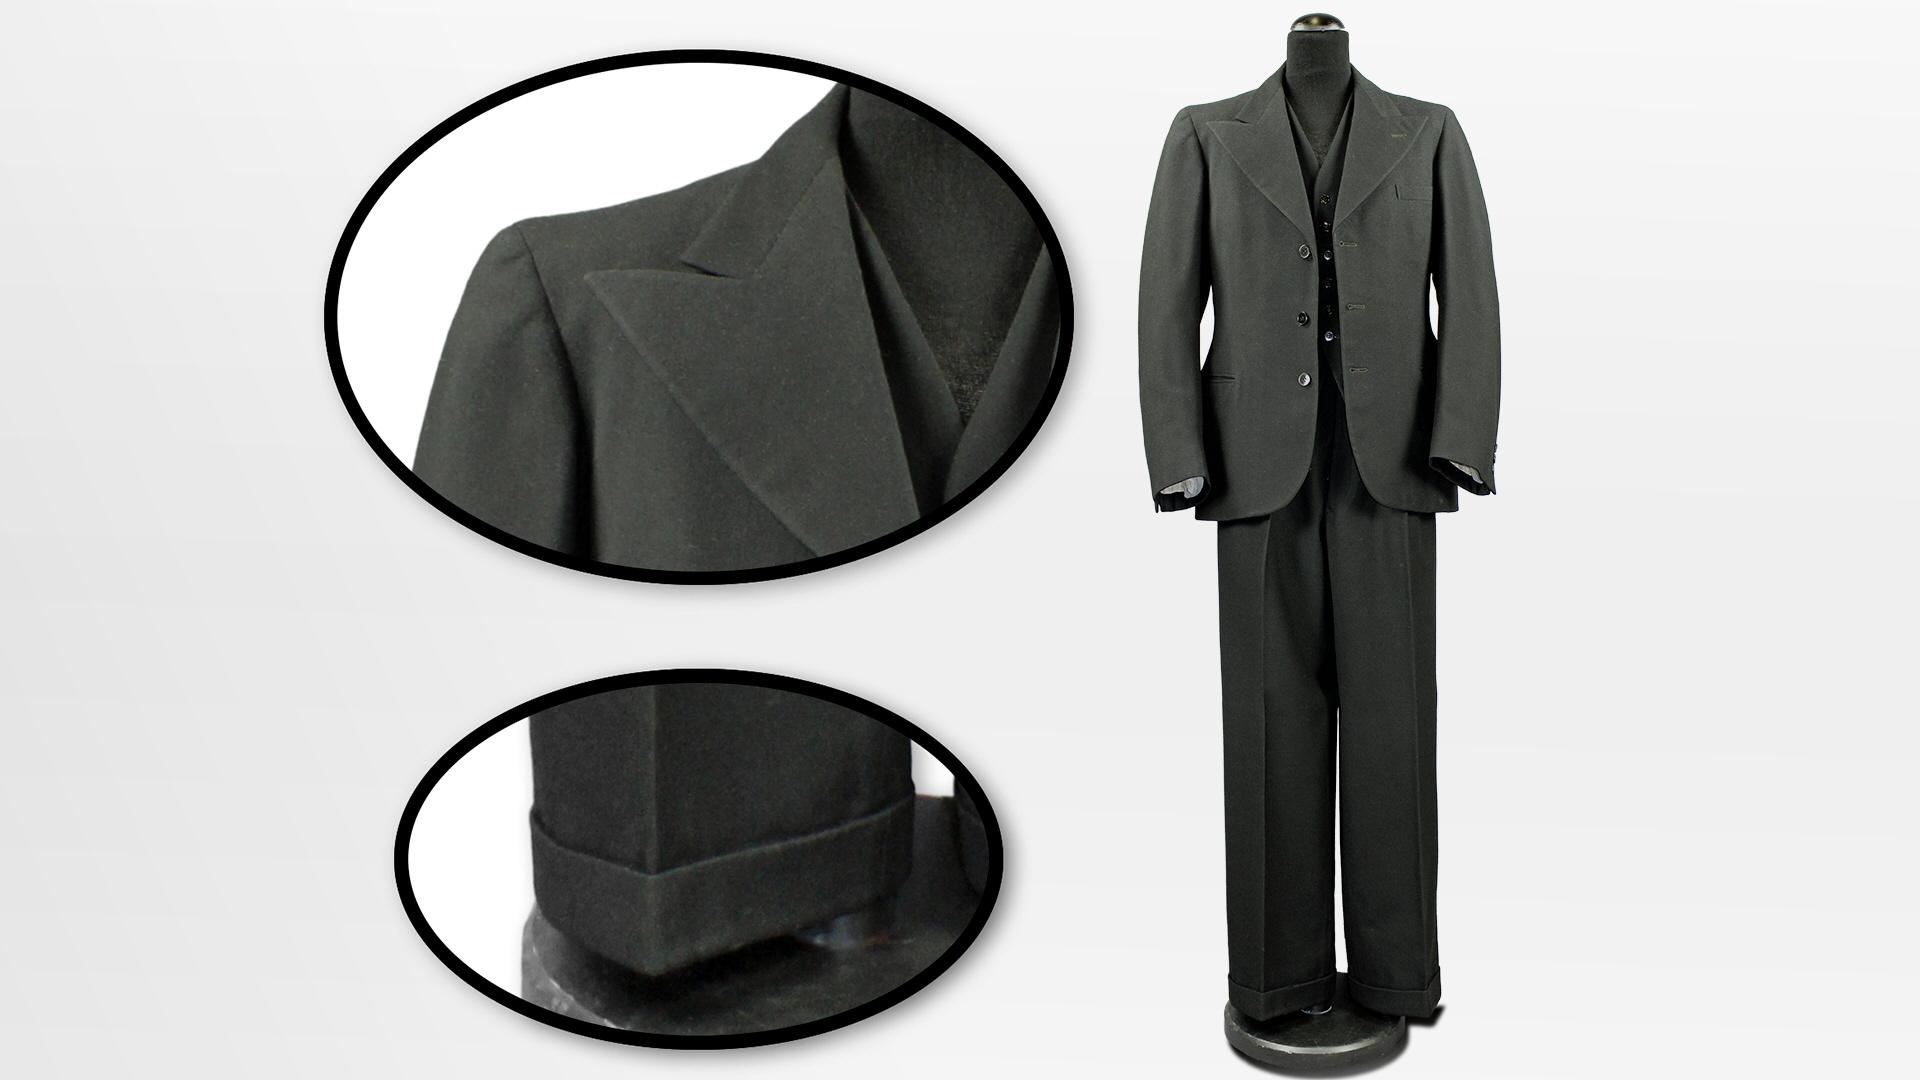 23ea9c2fea83 Sven Hellmans kostym har breda spetsiga slag, tydligt markerad midja och  vida byxor med slag nedtill. Det betyder att den är mer trendig än Edvins  och Pauls ...